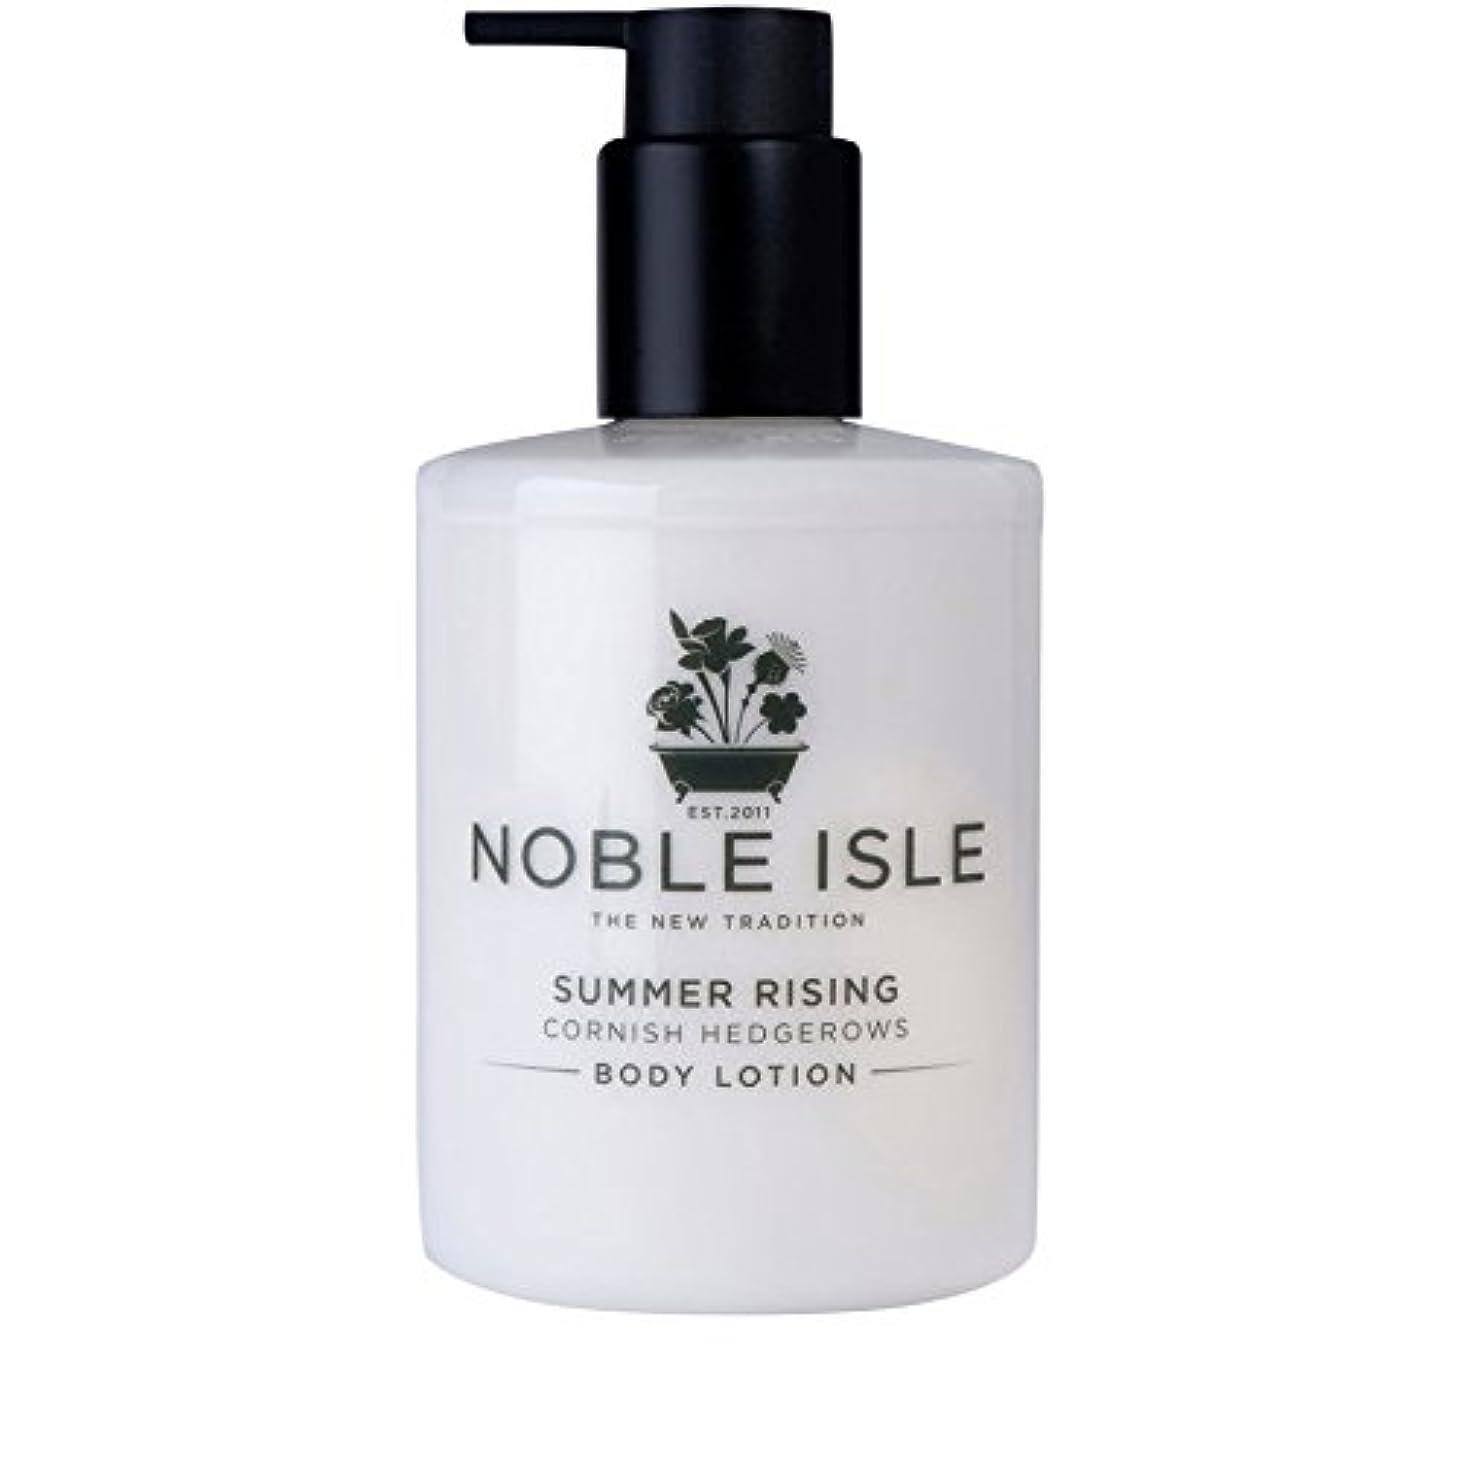 挨拶する司法遵守するコーニッシュ生け垣ボディローション250ミリリットルを上昇高貴な島の夏 x2 - Noble Isle Summer Rising Cornish Hedgerows Body Lotion 250ml (Pack of...